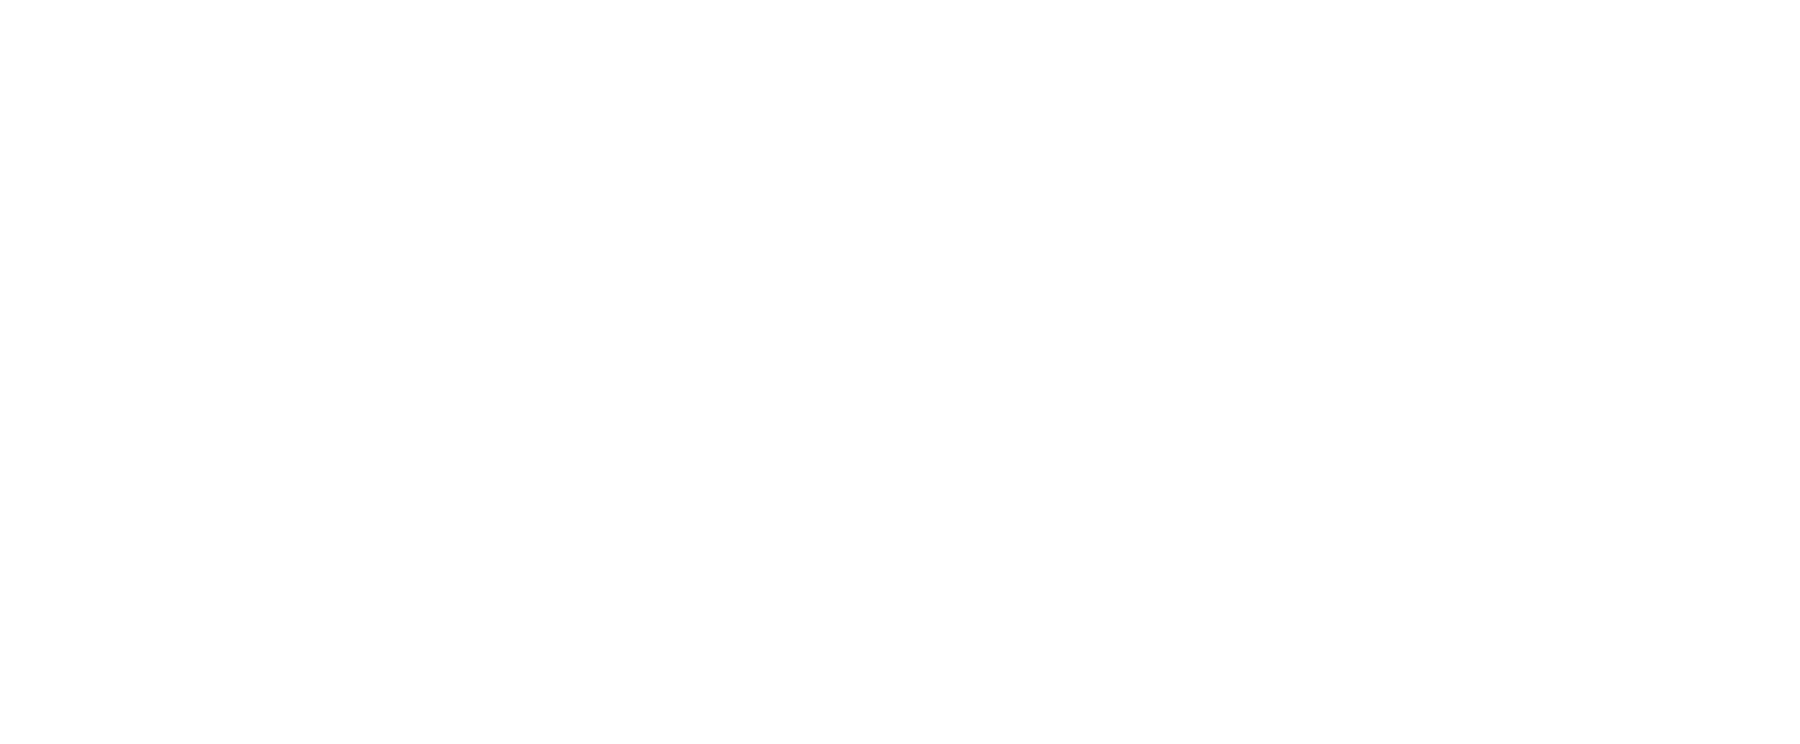 Ted Sun